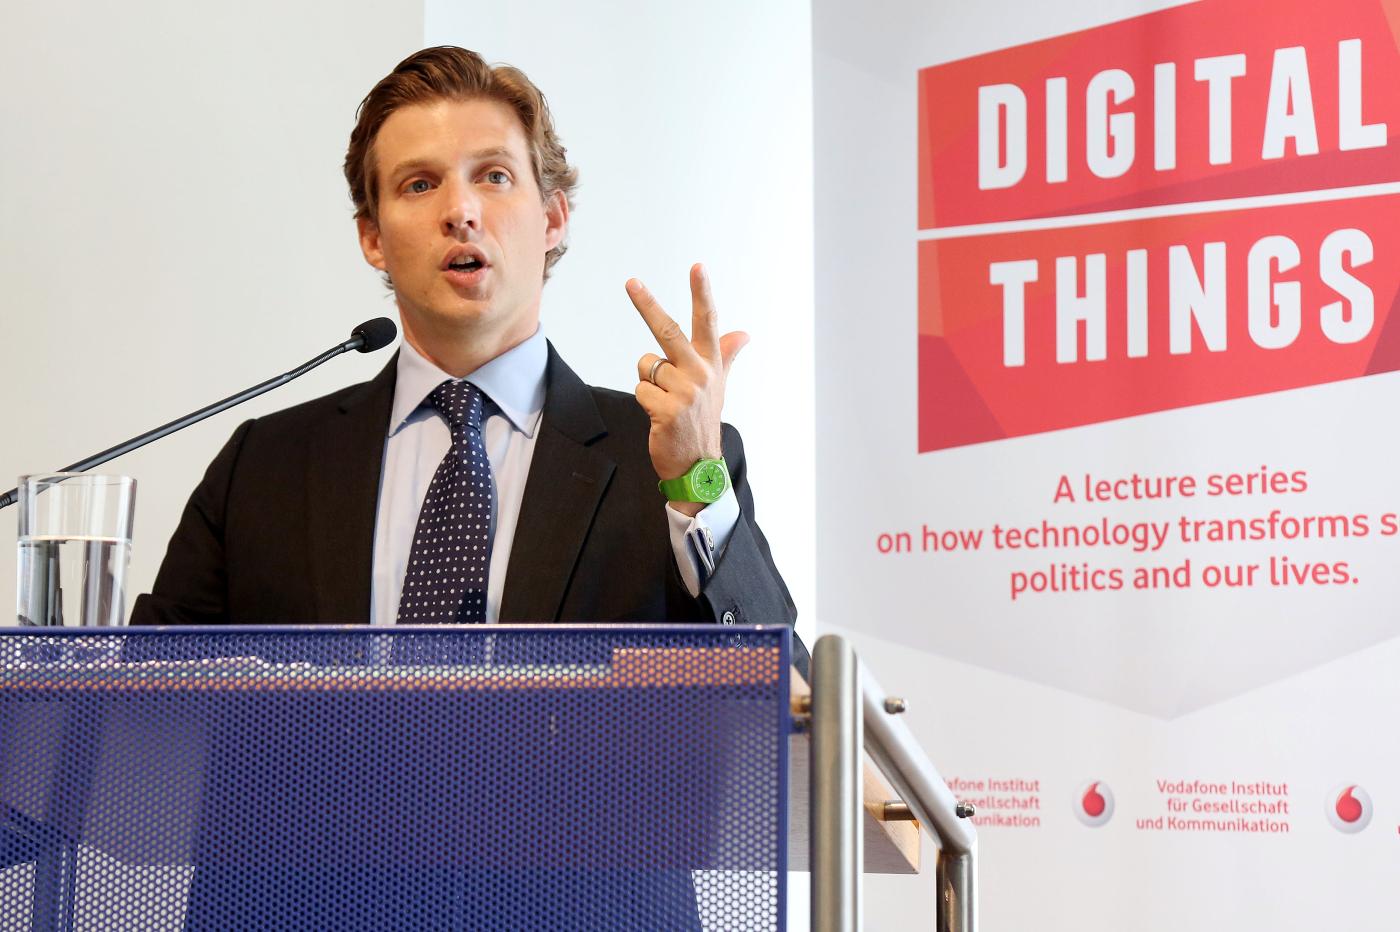 Transatlantische Debatte über Sicherheit und Privatheit